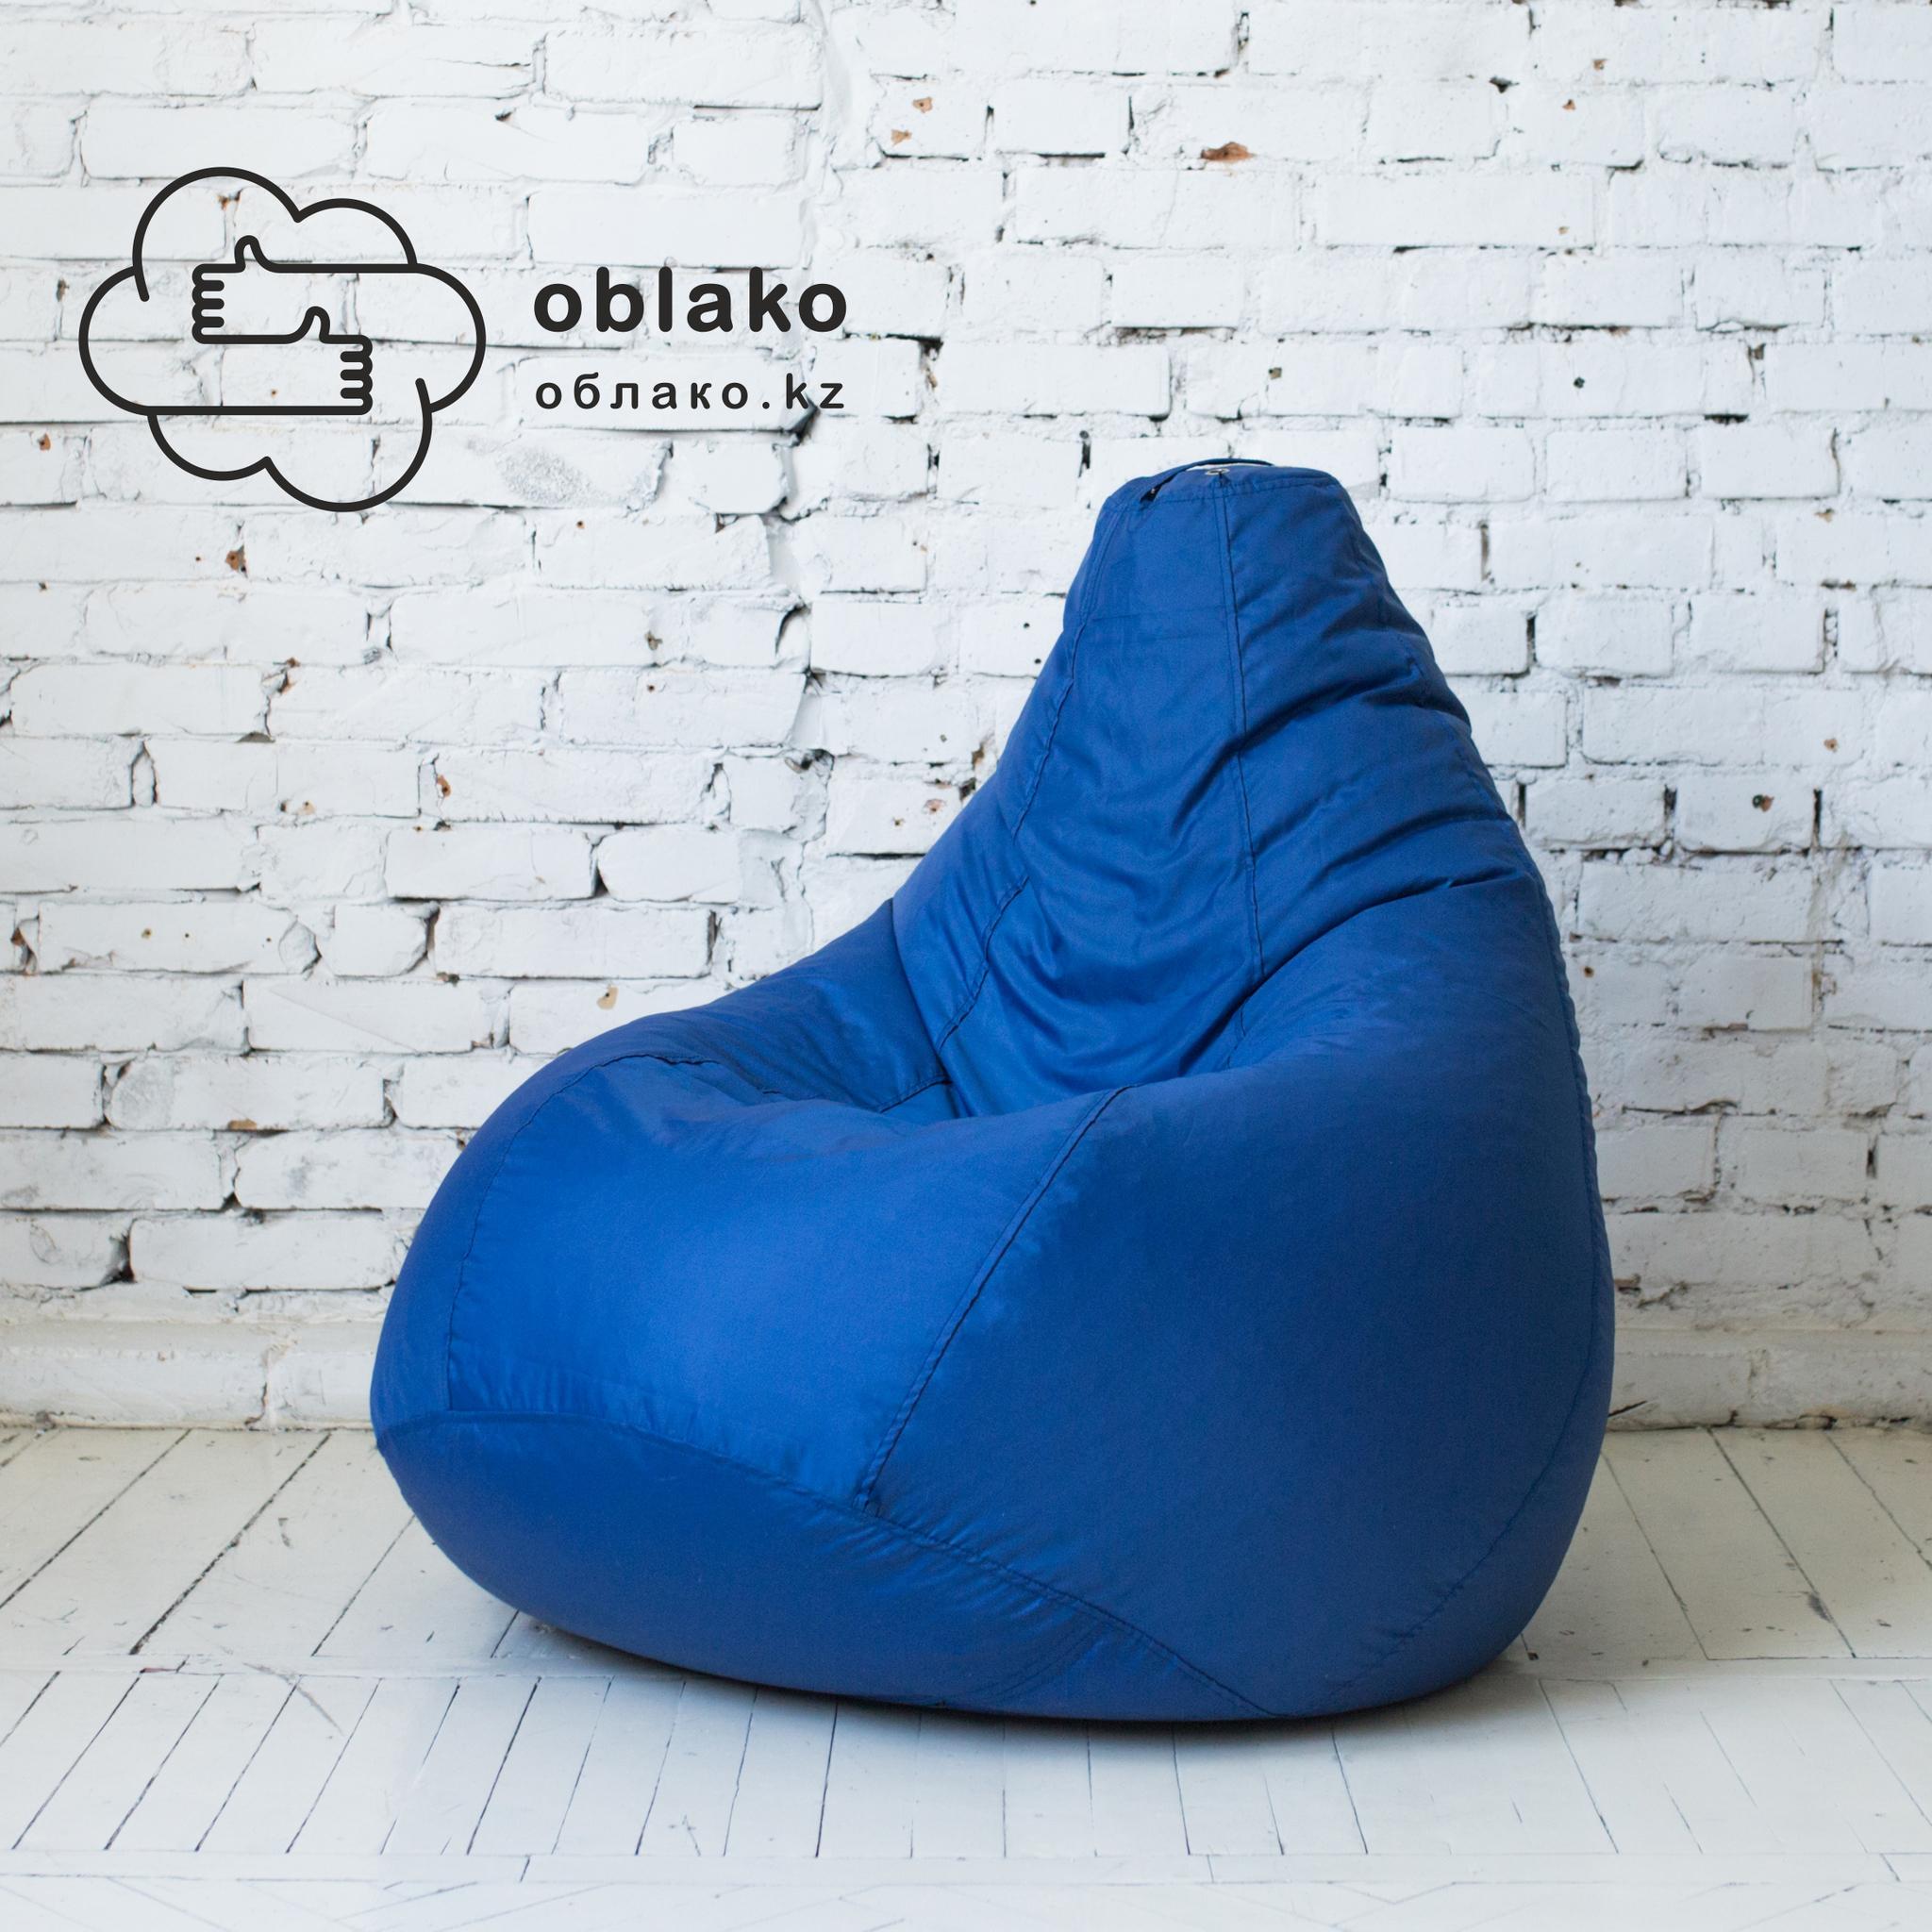 Груша M плащёвка, съёмный чехол (синяя)